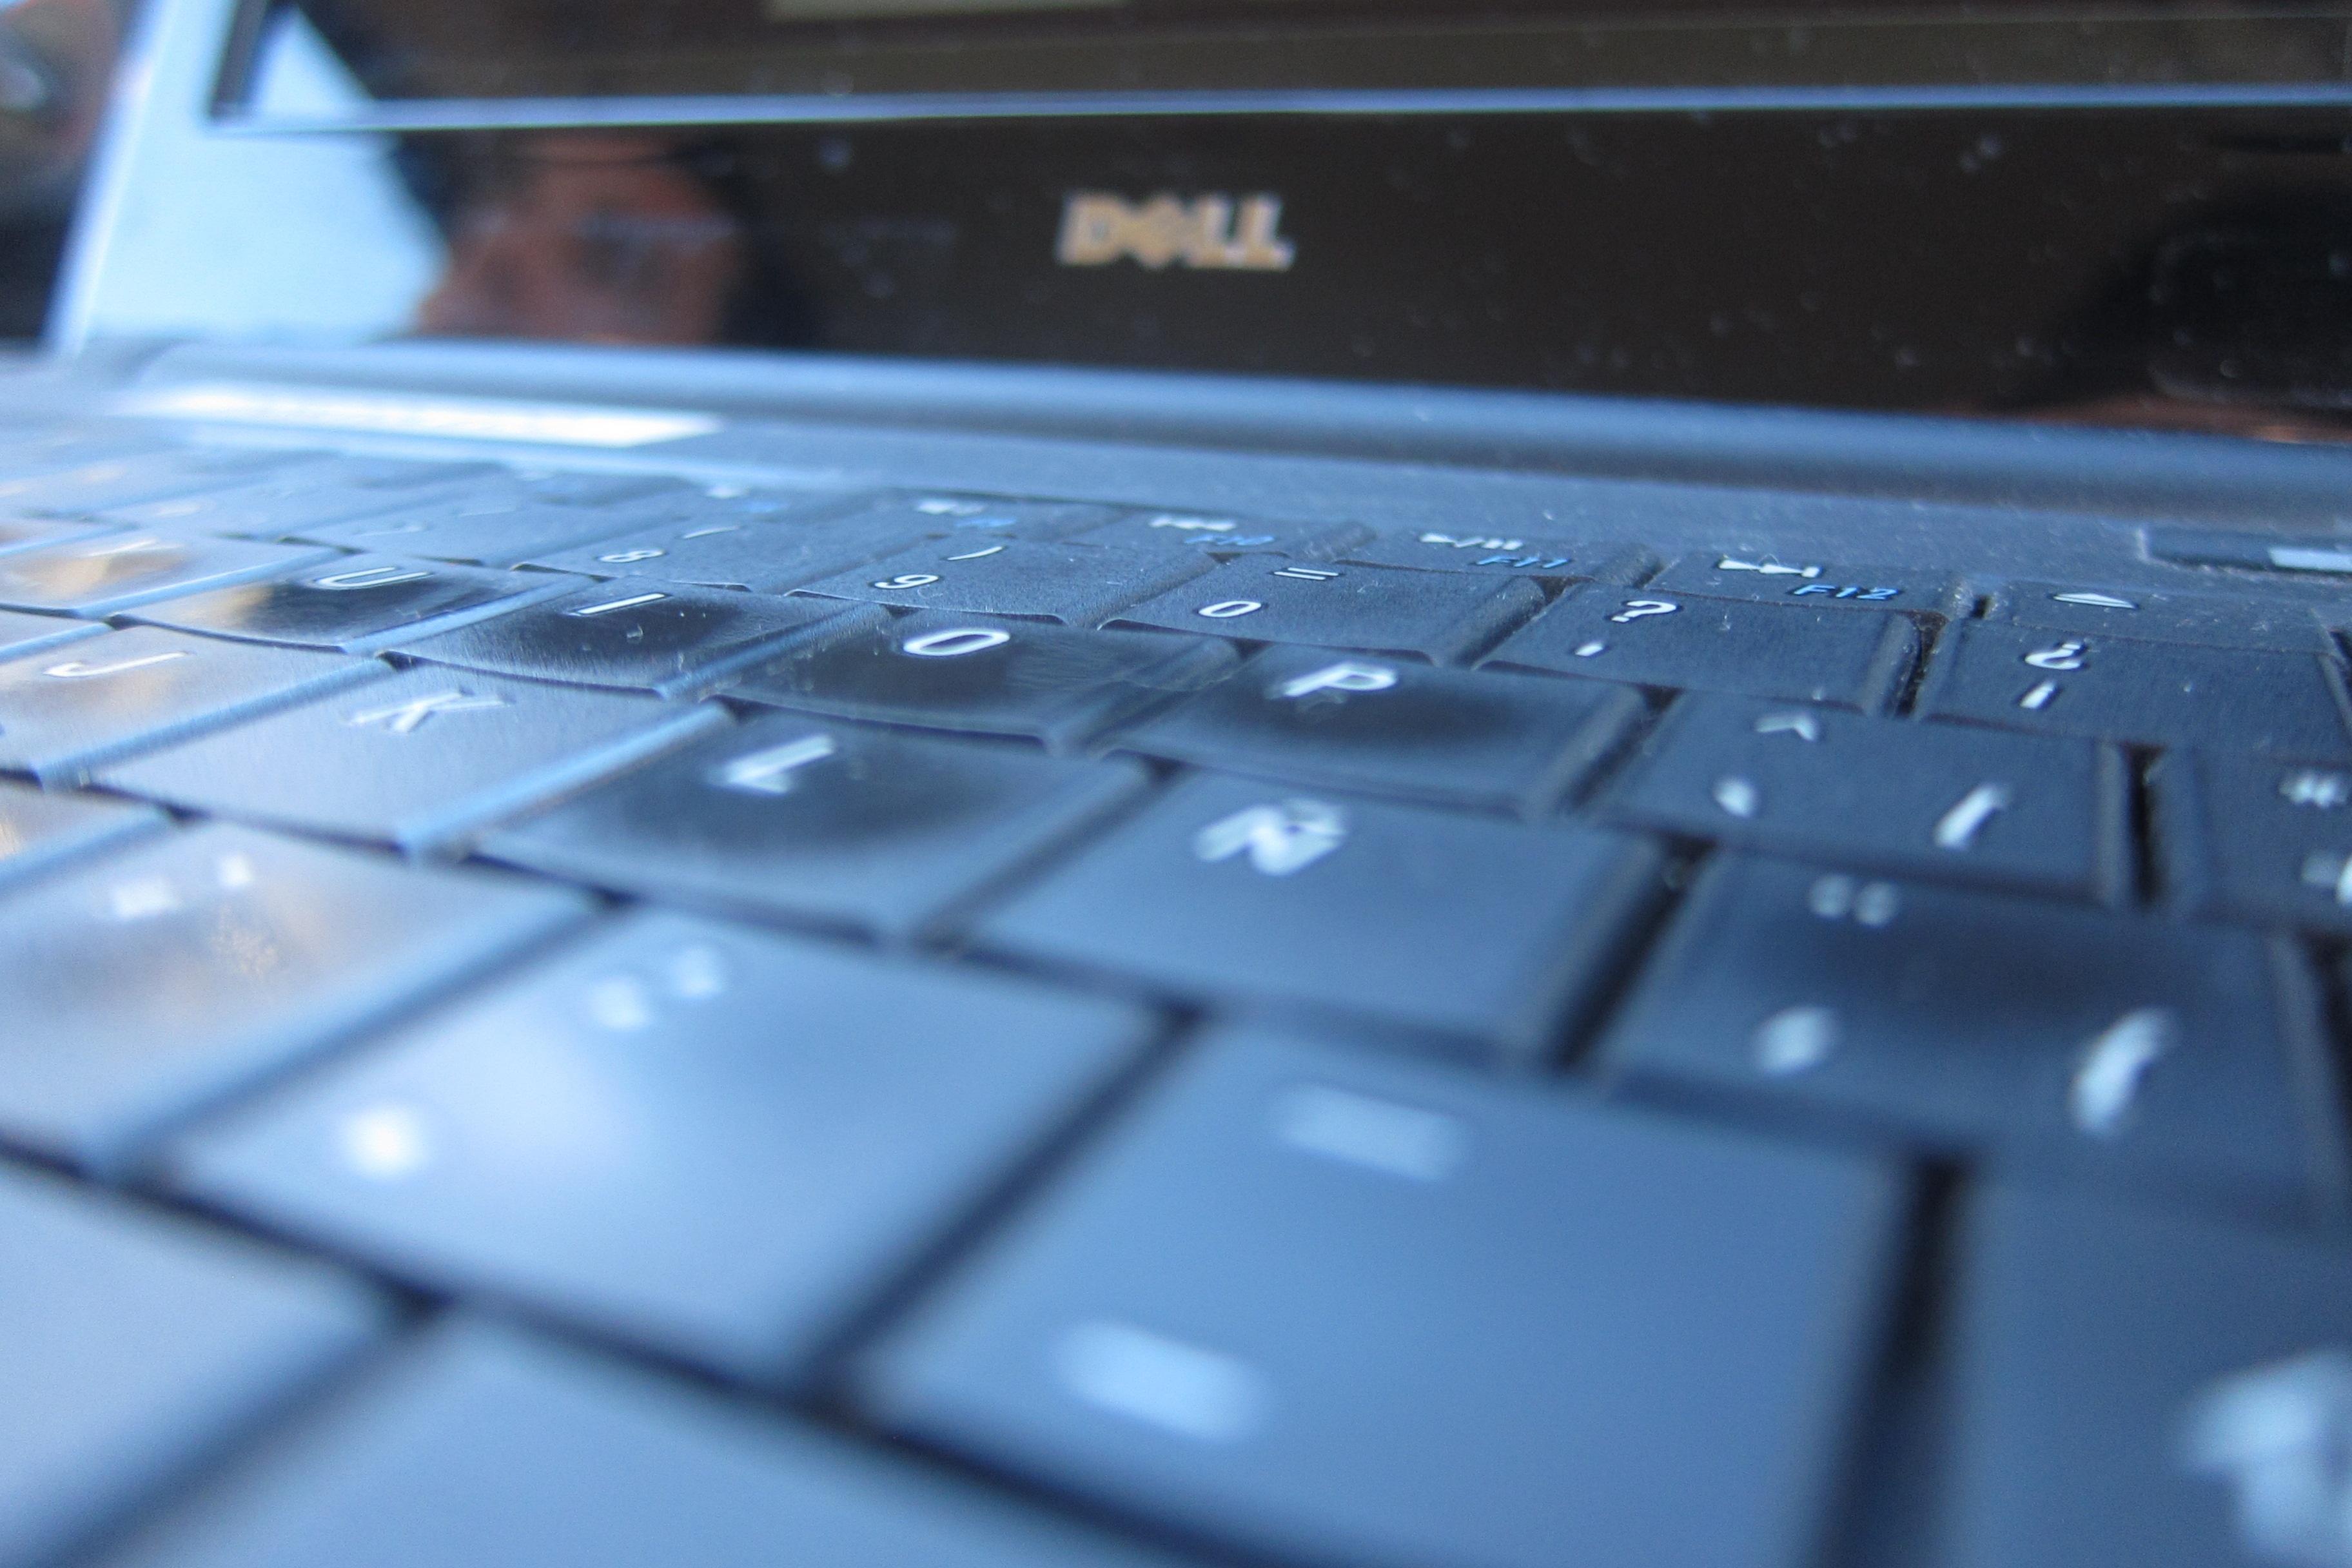 La Junta invertirá 1,2 millones de euros en mejorar la biblioteca digital de la Gerencia Regional de Salud